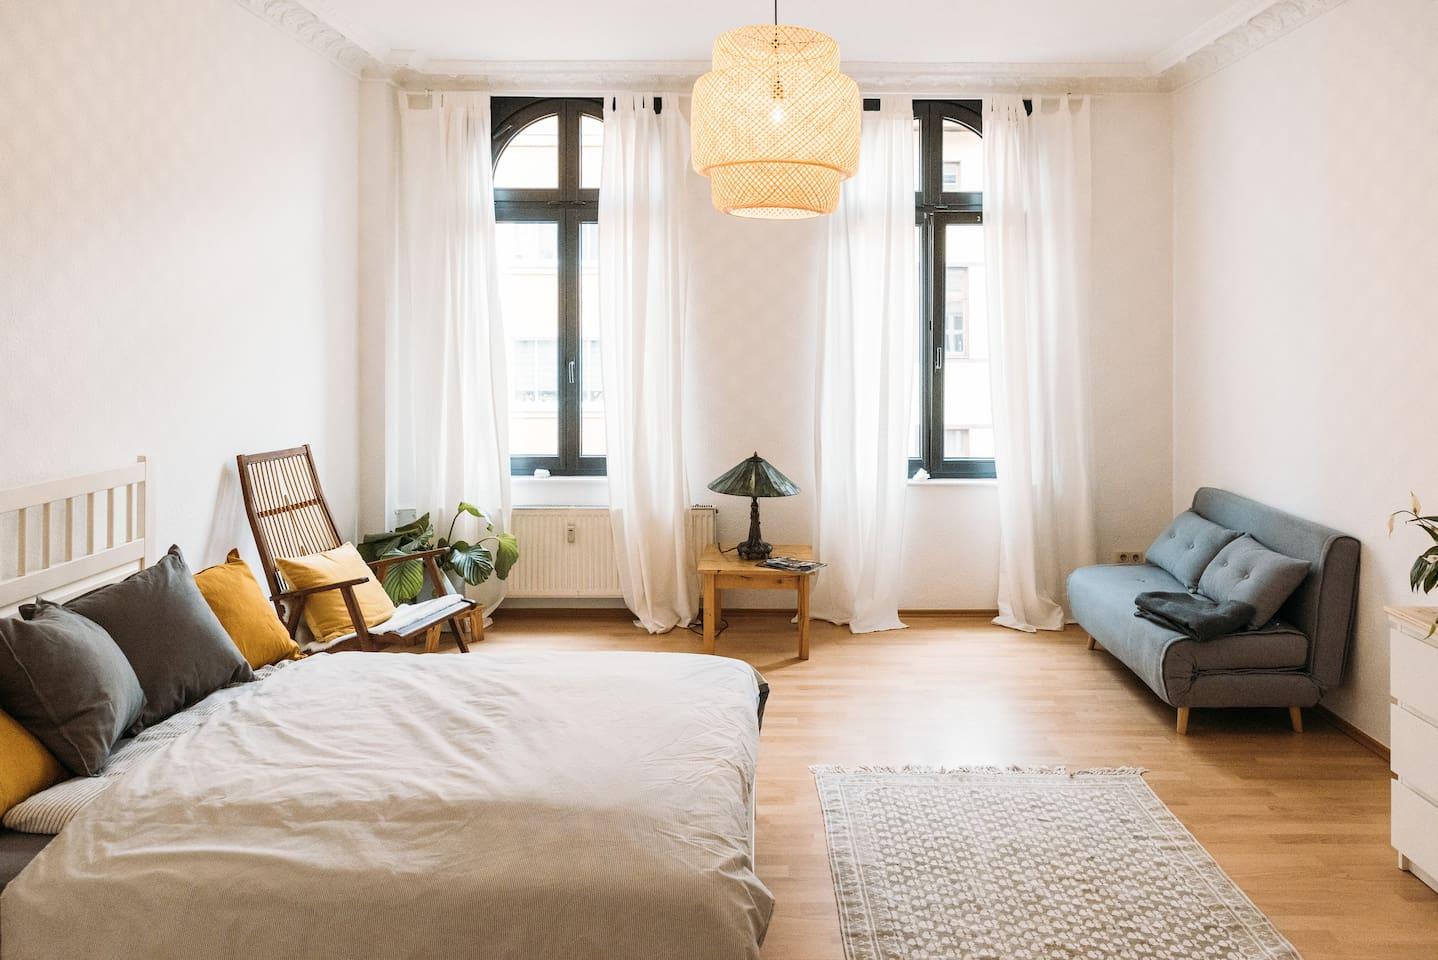 Schlaff & Wohnzimmer